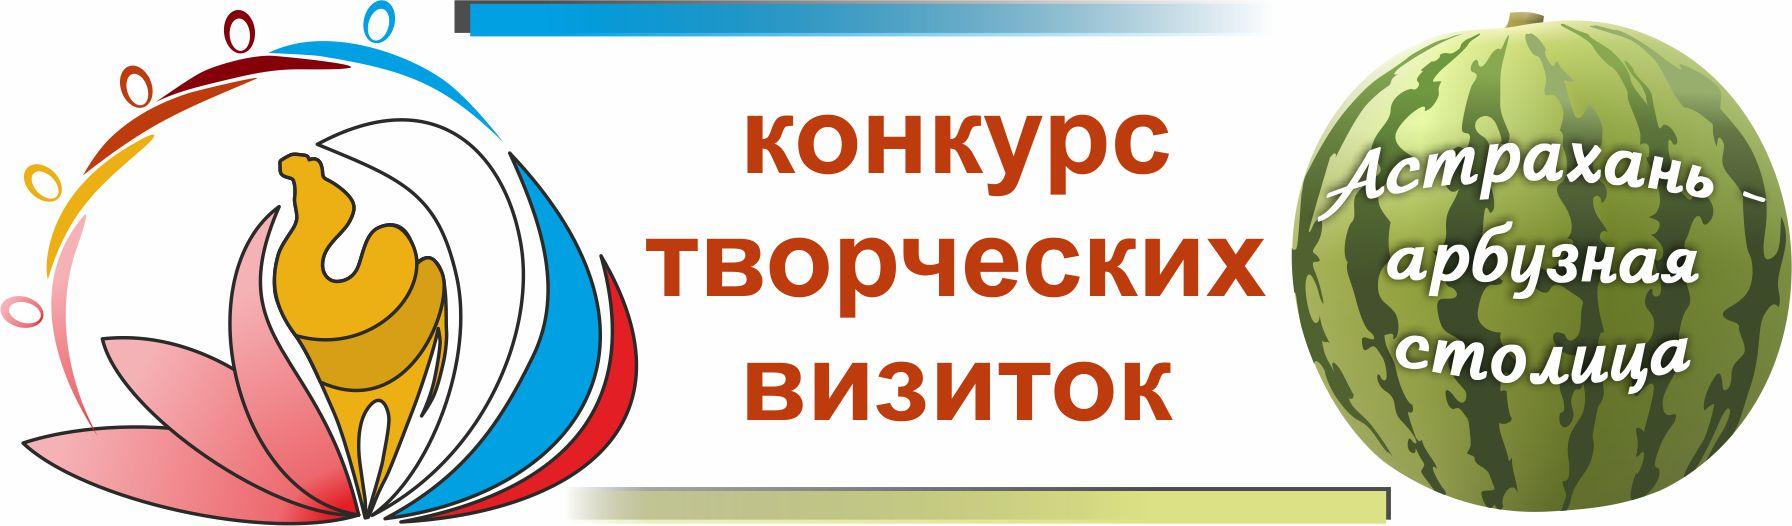 Конкурс творческих визиток «Астрахань – арбузная столица»